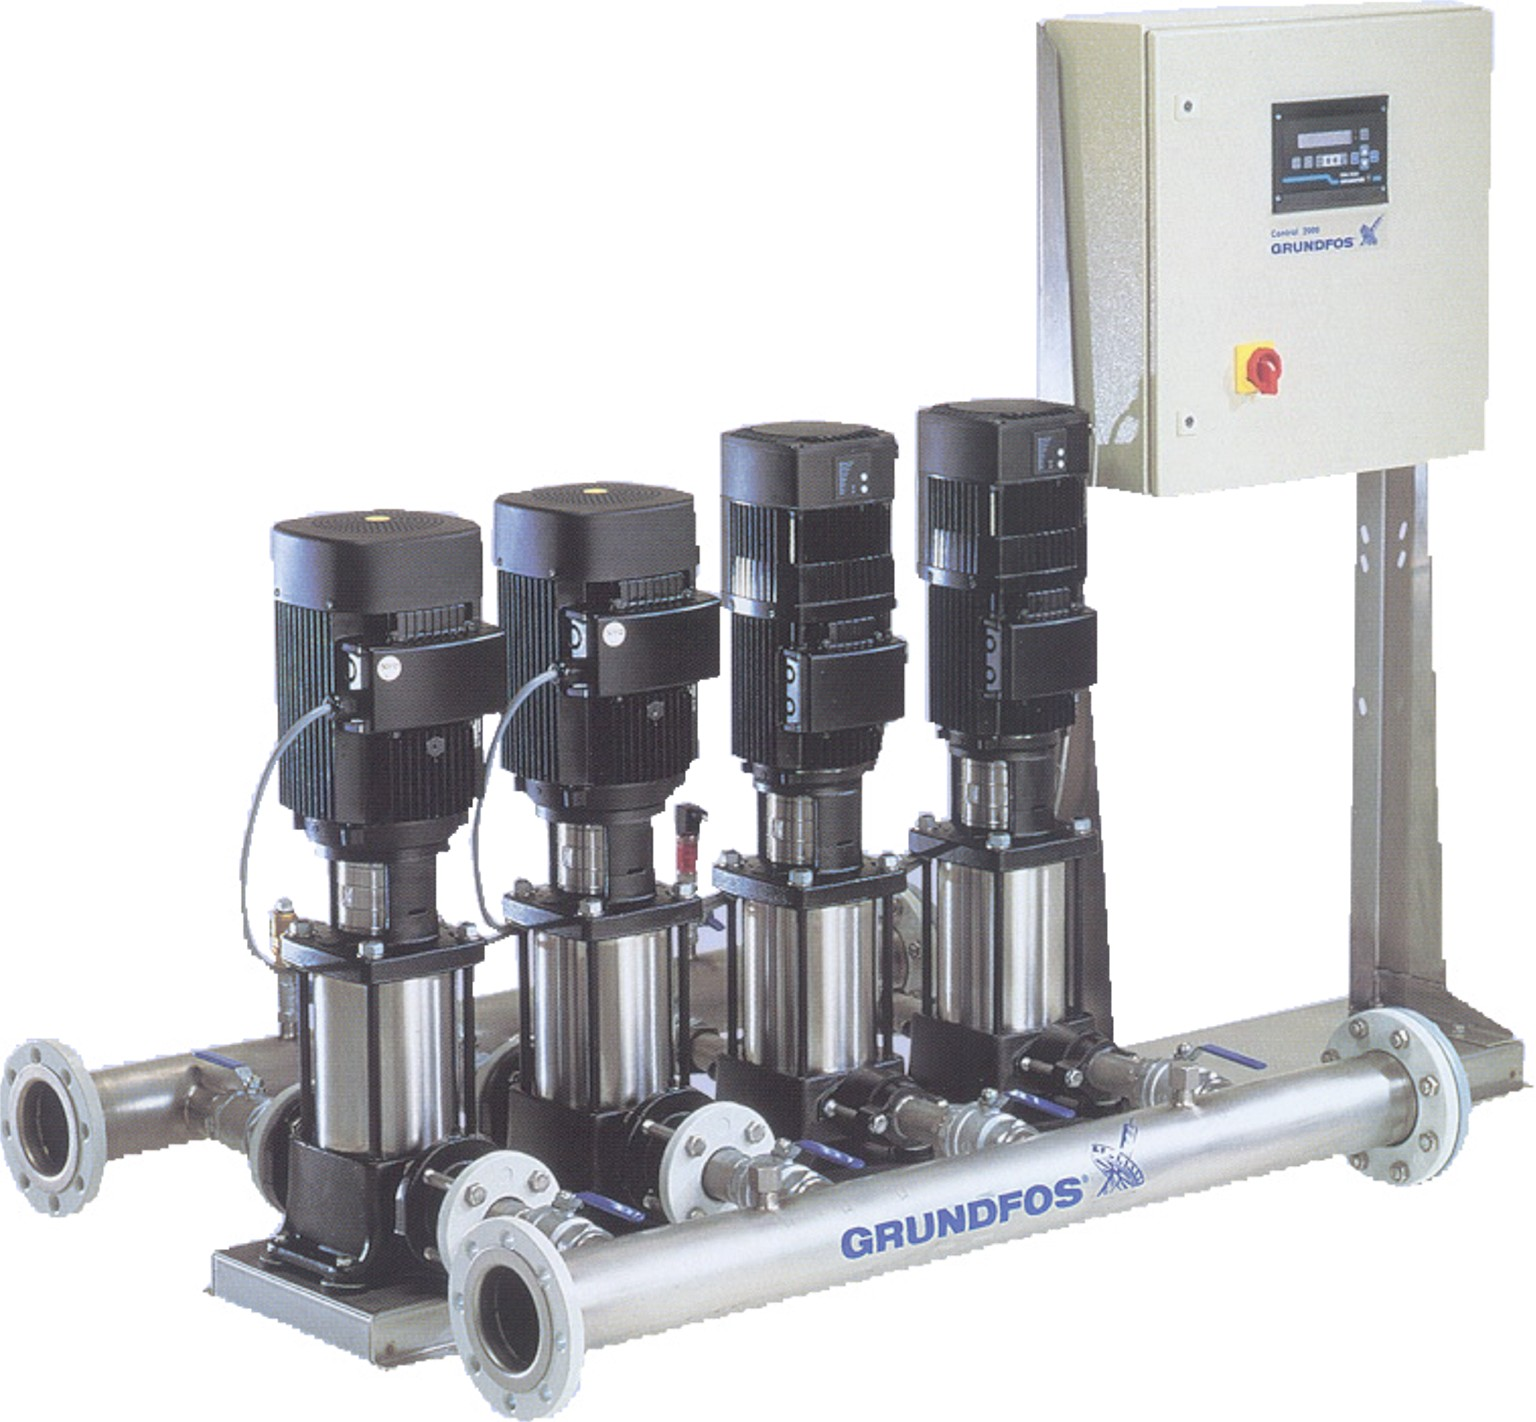 Grundfos Pumps Control Specialties